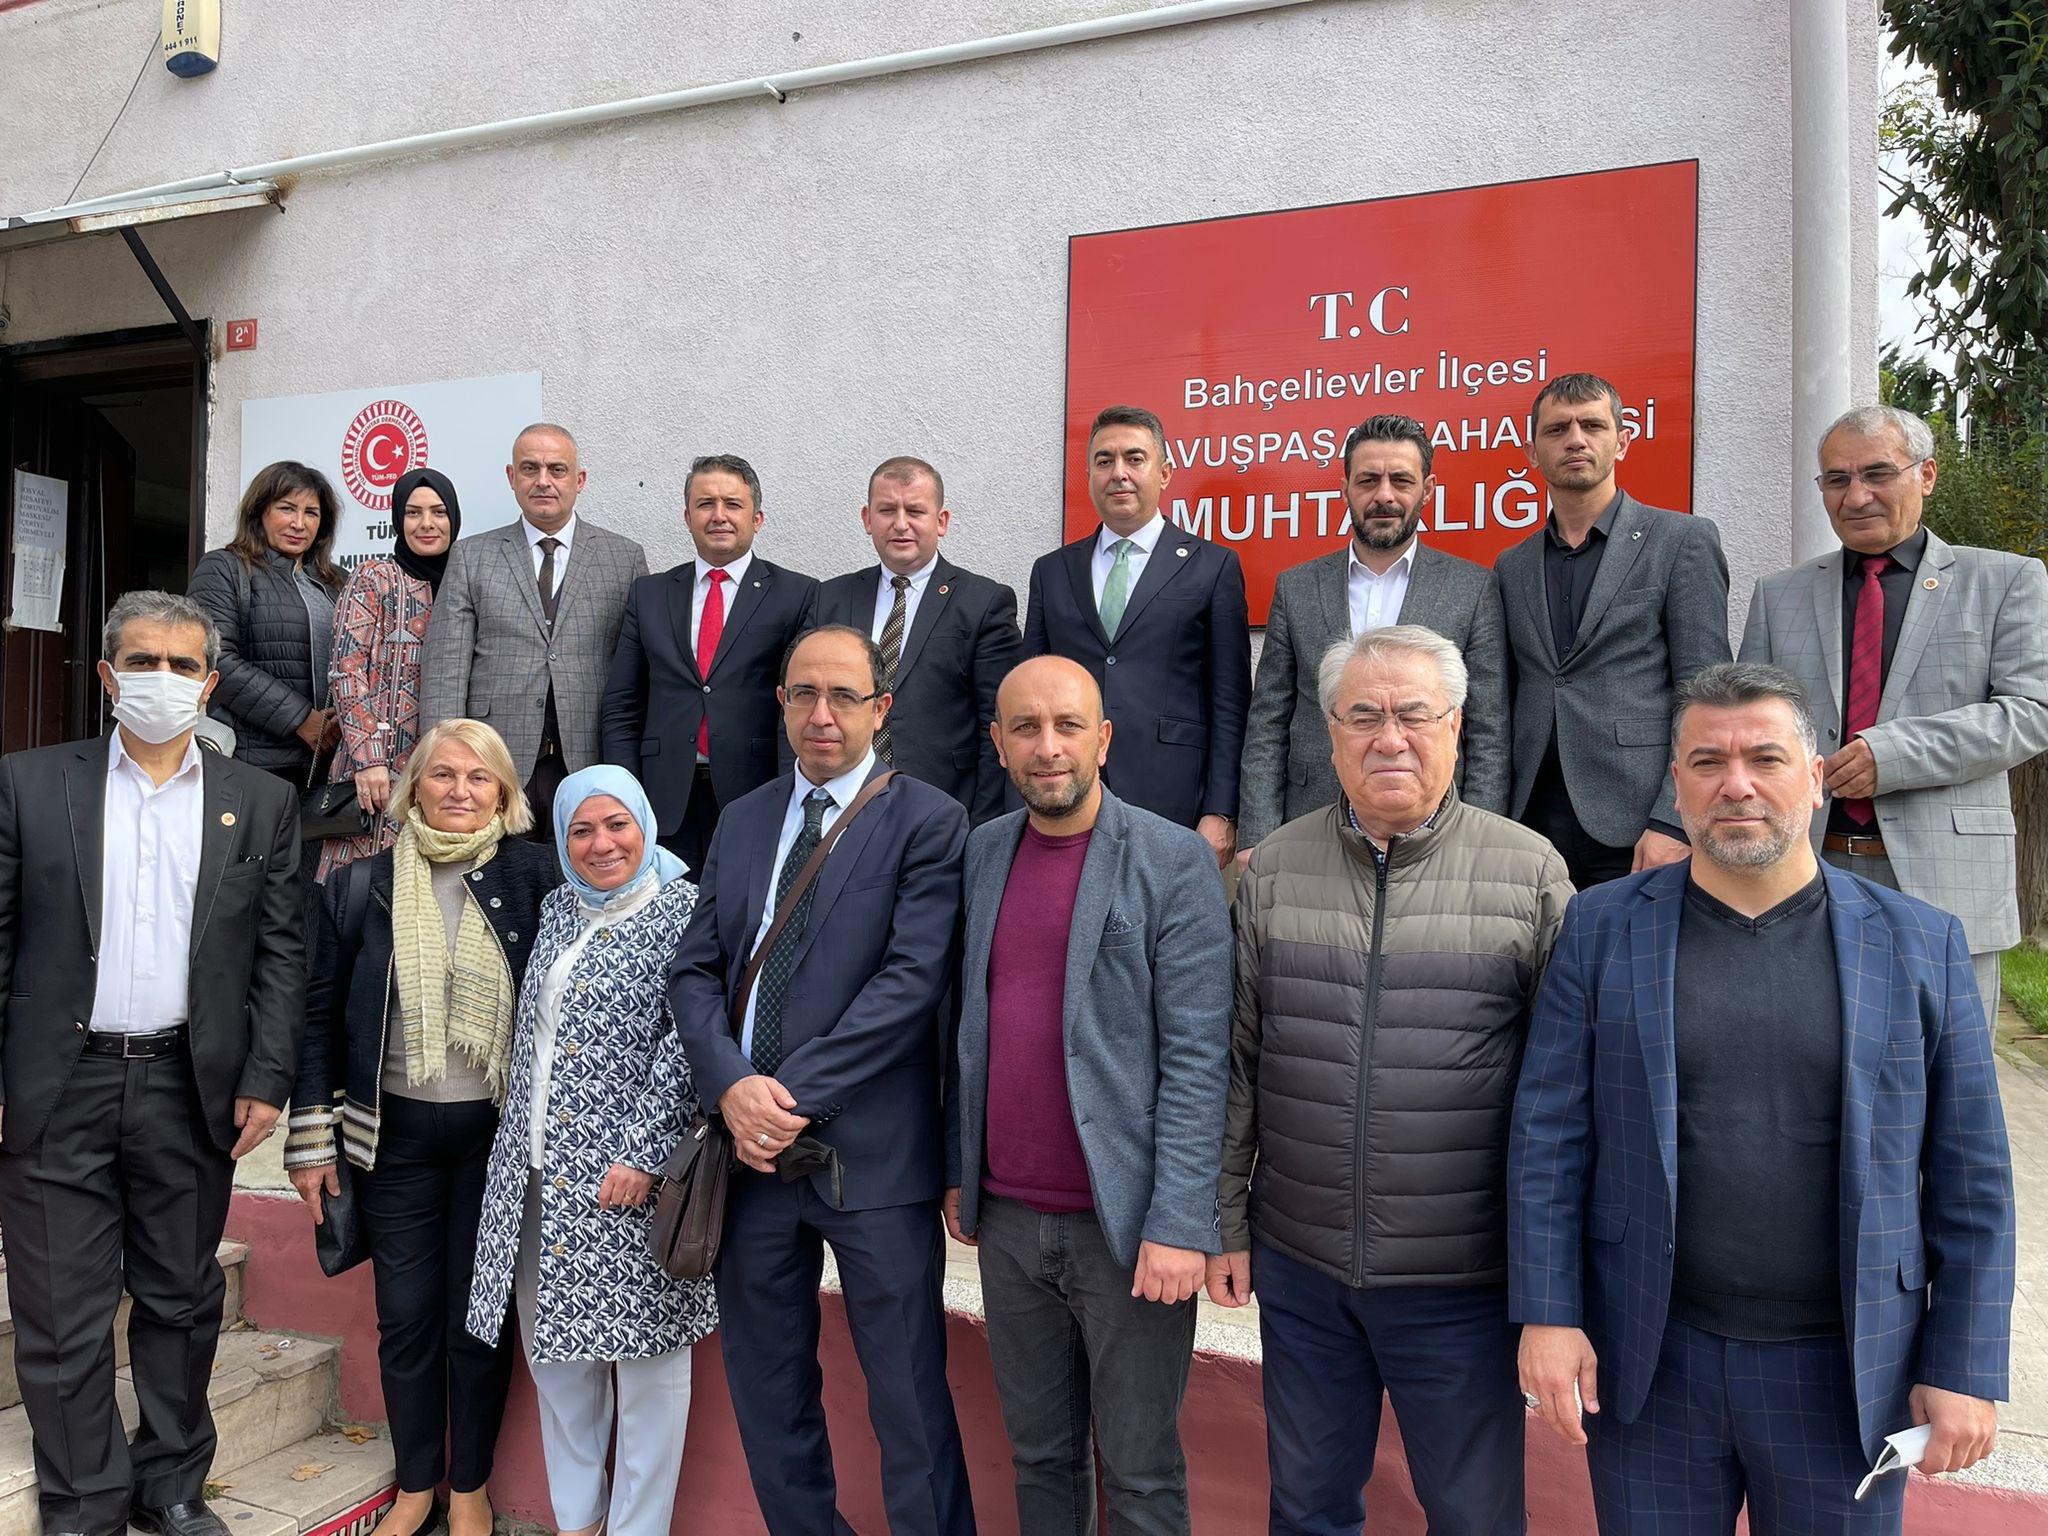 Bahçelievler'de Tüm İstanbul Muhtar Dernekleri Federasyonu Genel Başkanı Sn. Selami Aykut'u ziyaret ettik.